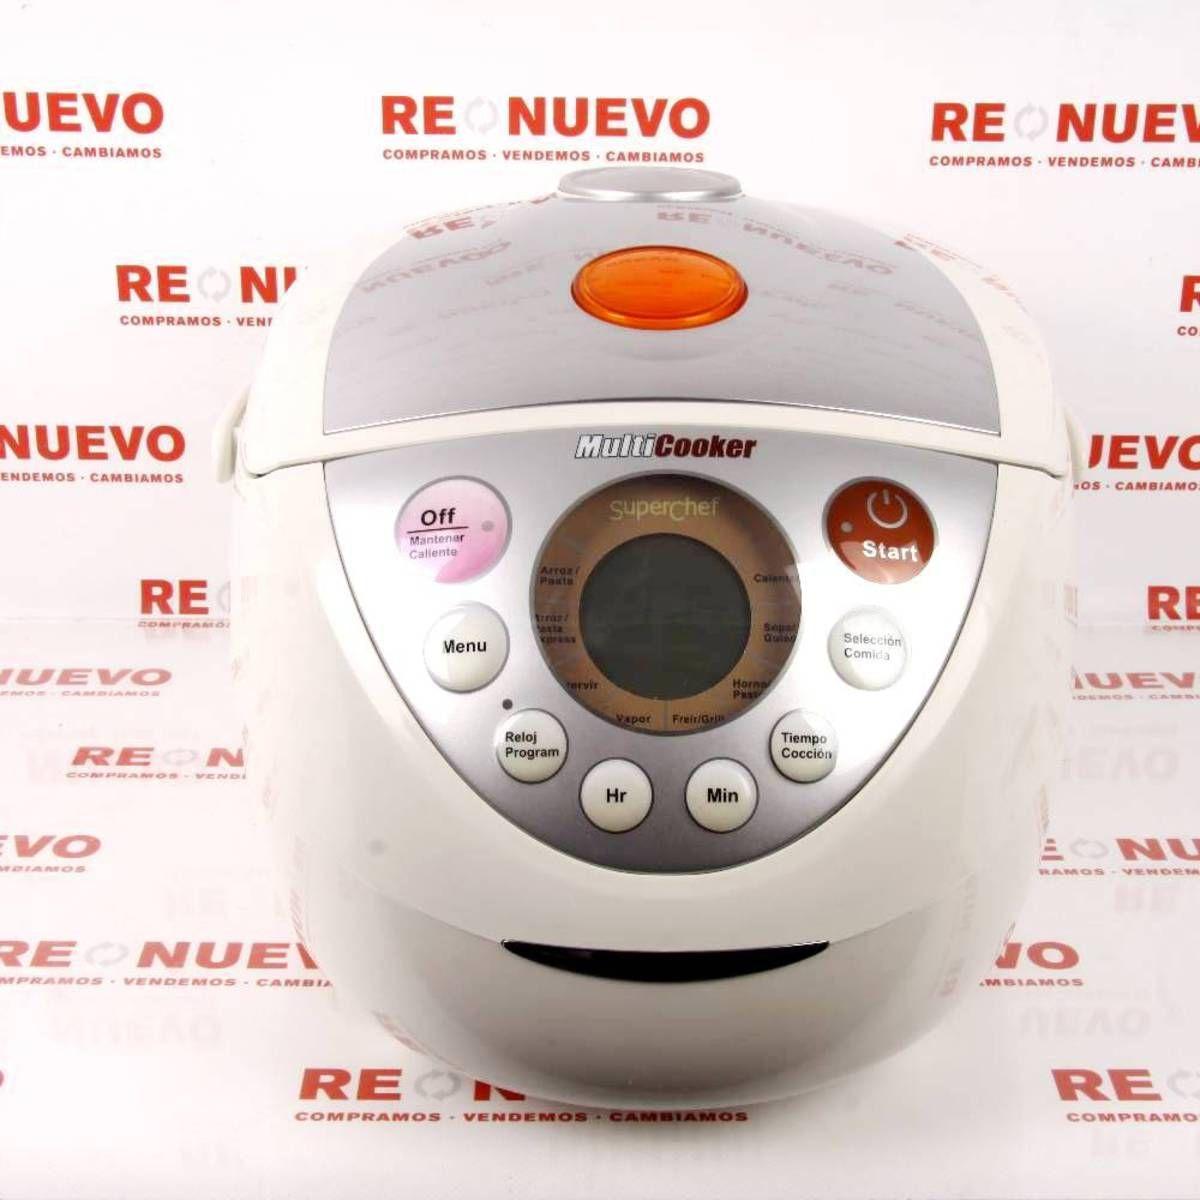 Robot de cocina superchef multicooker robot de cocina de segunda mano superchef hogar y - Maxicook superchef ...